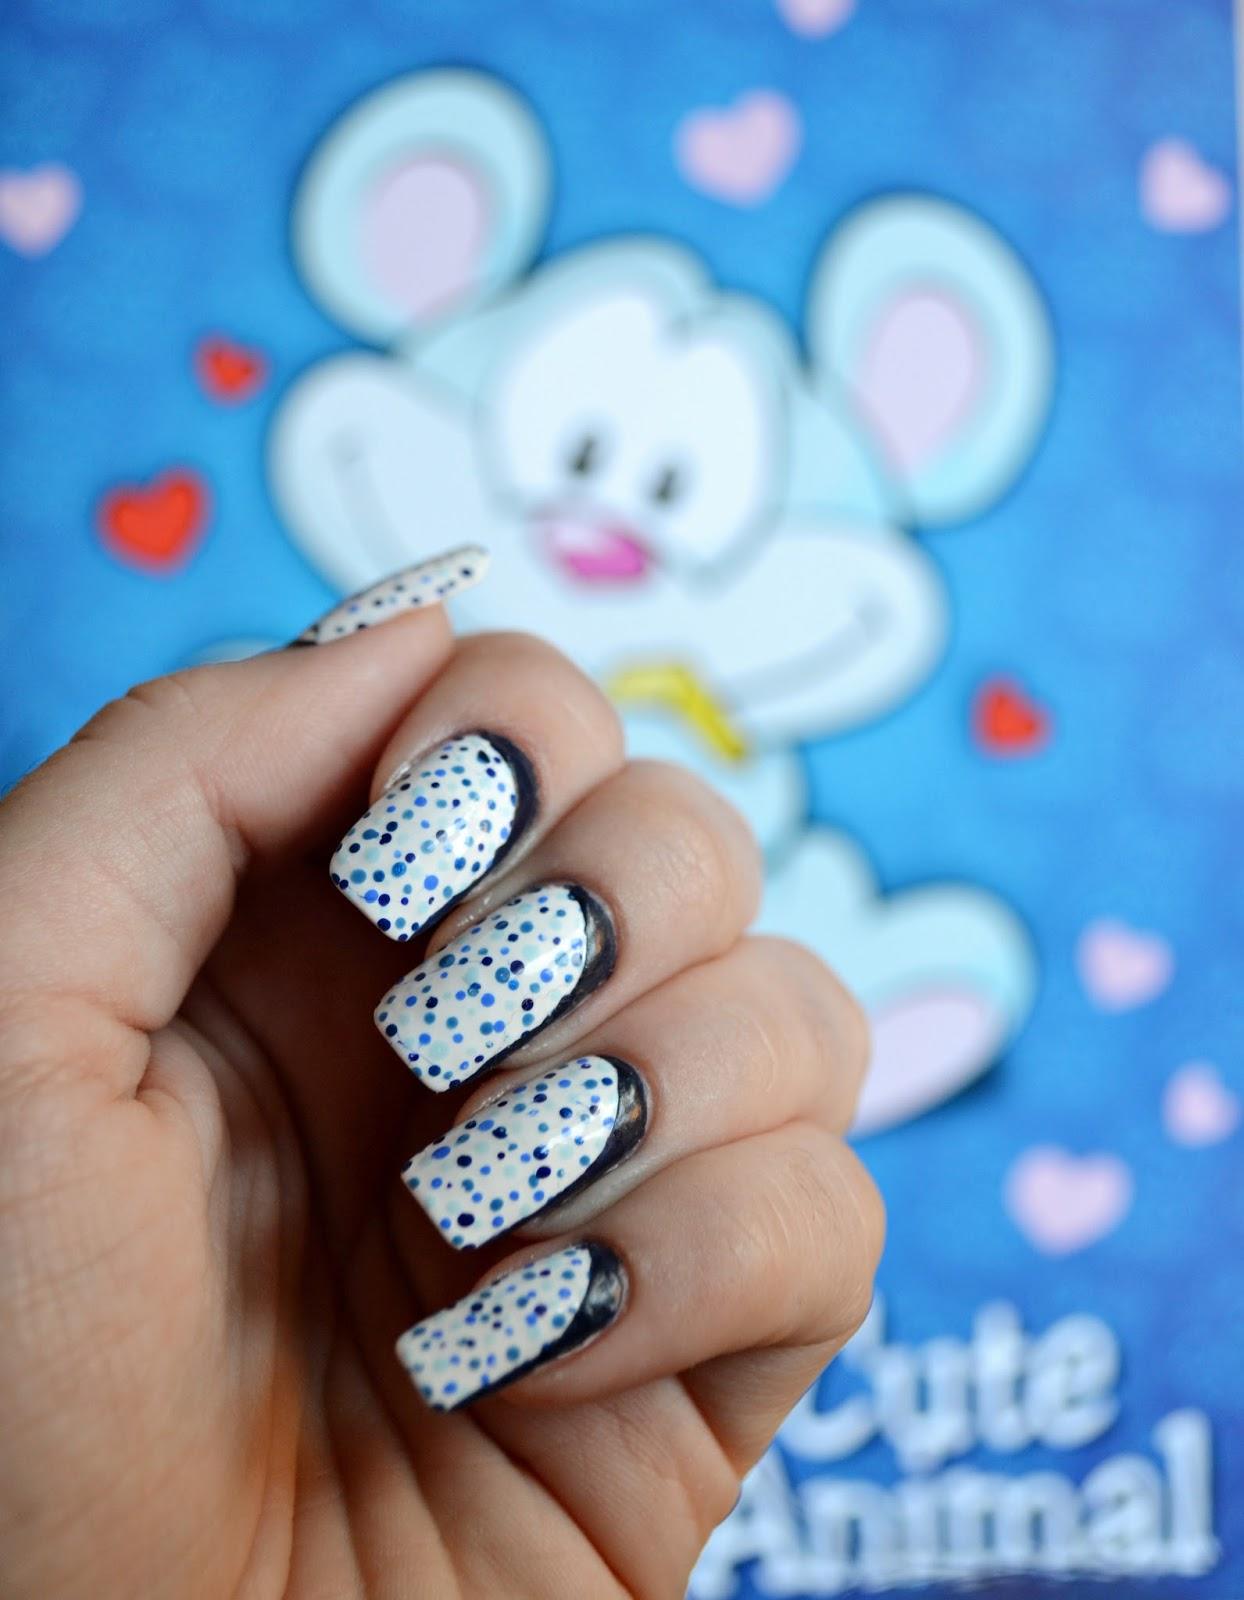 Ruffian blue dots manicure